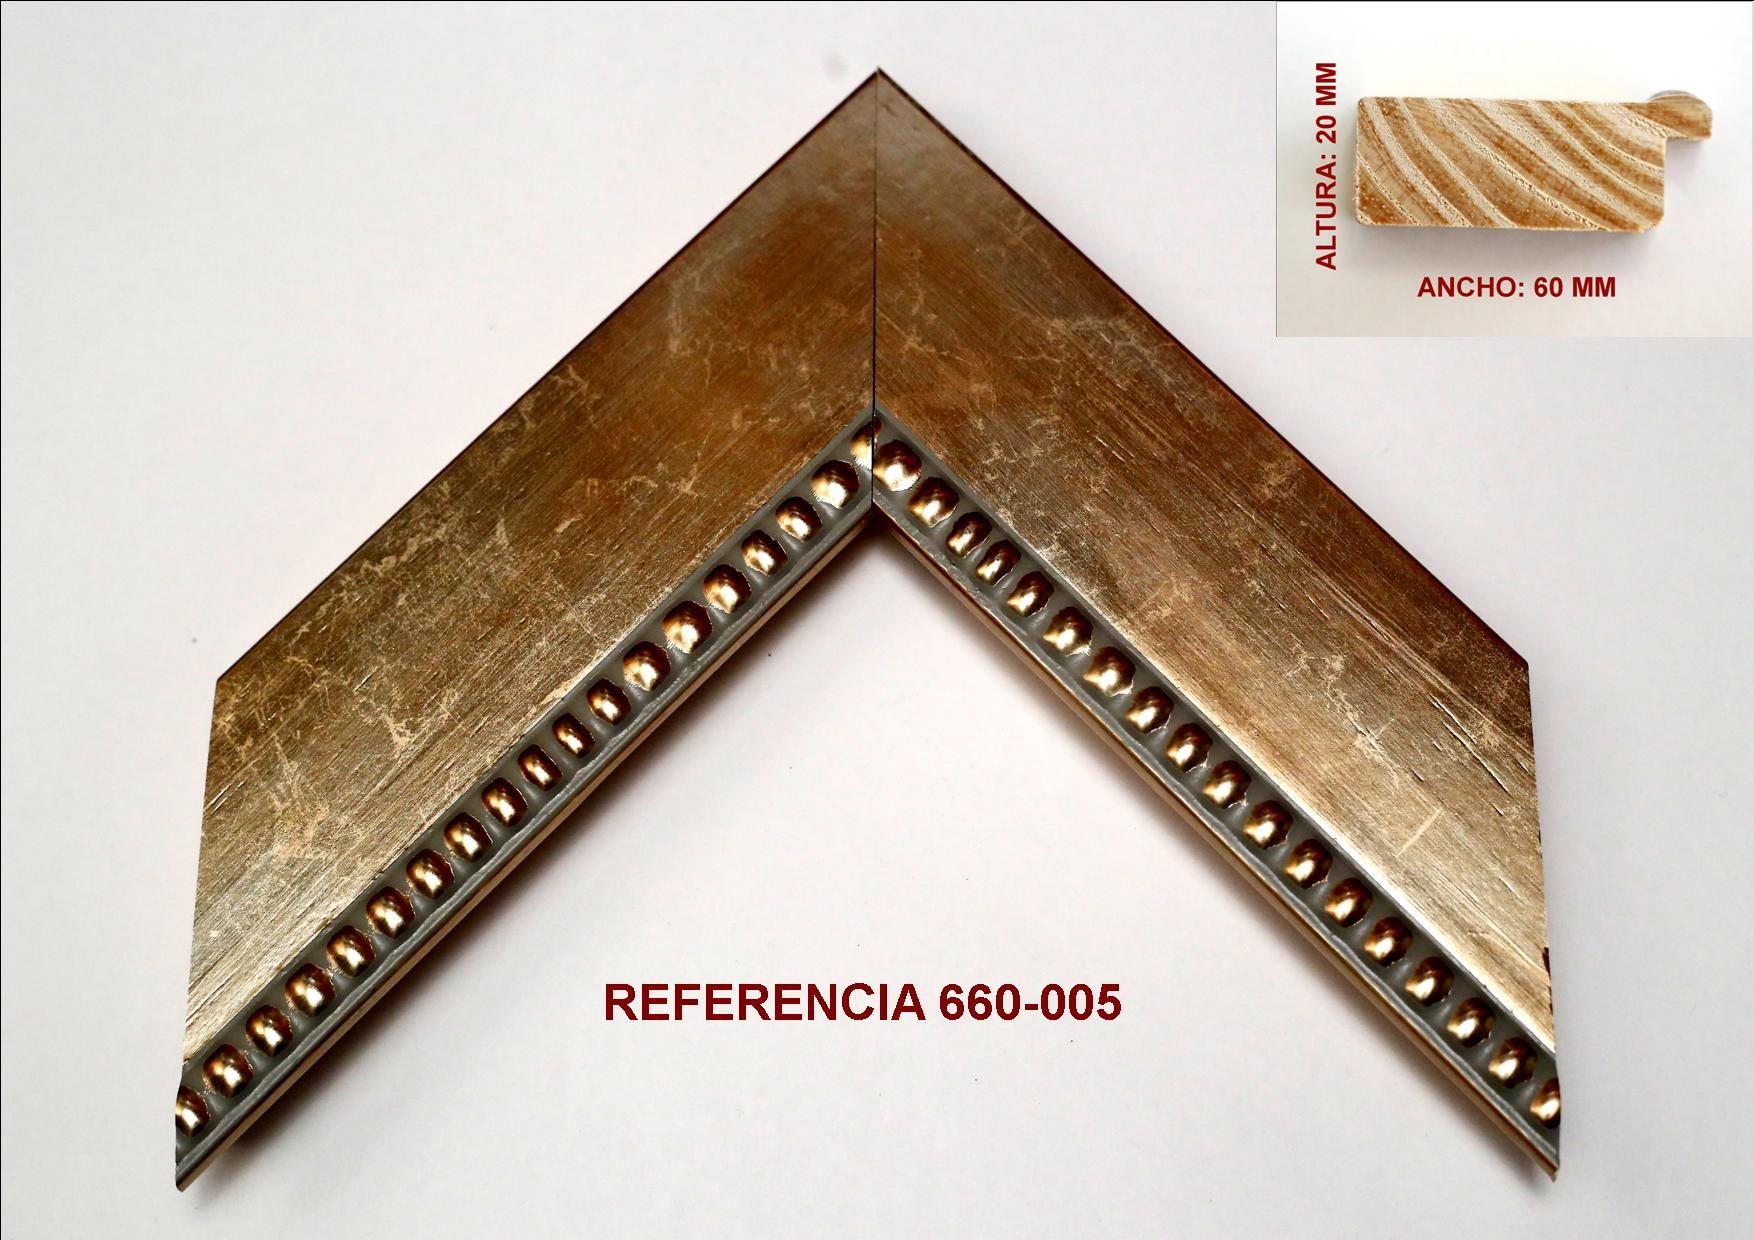 Referencia 660-005: Muestrario de Moldusevilla